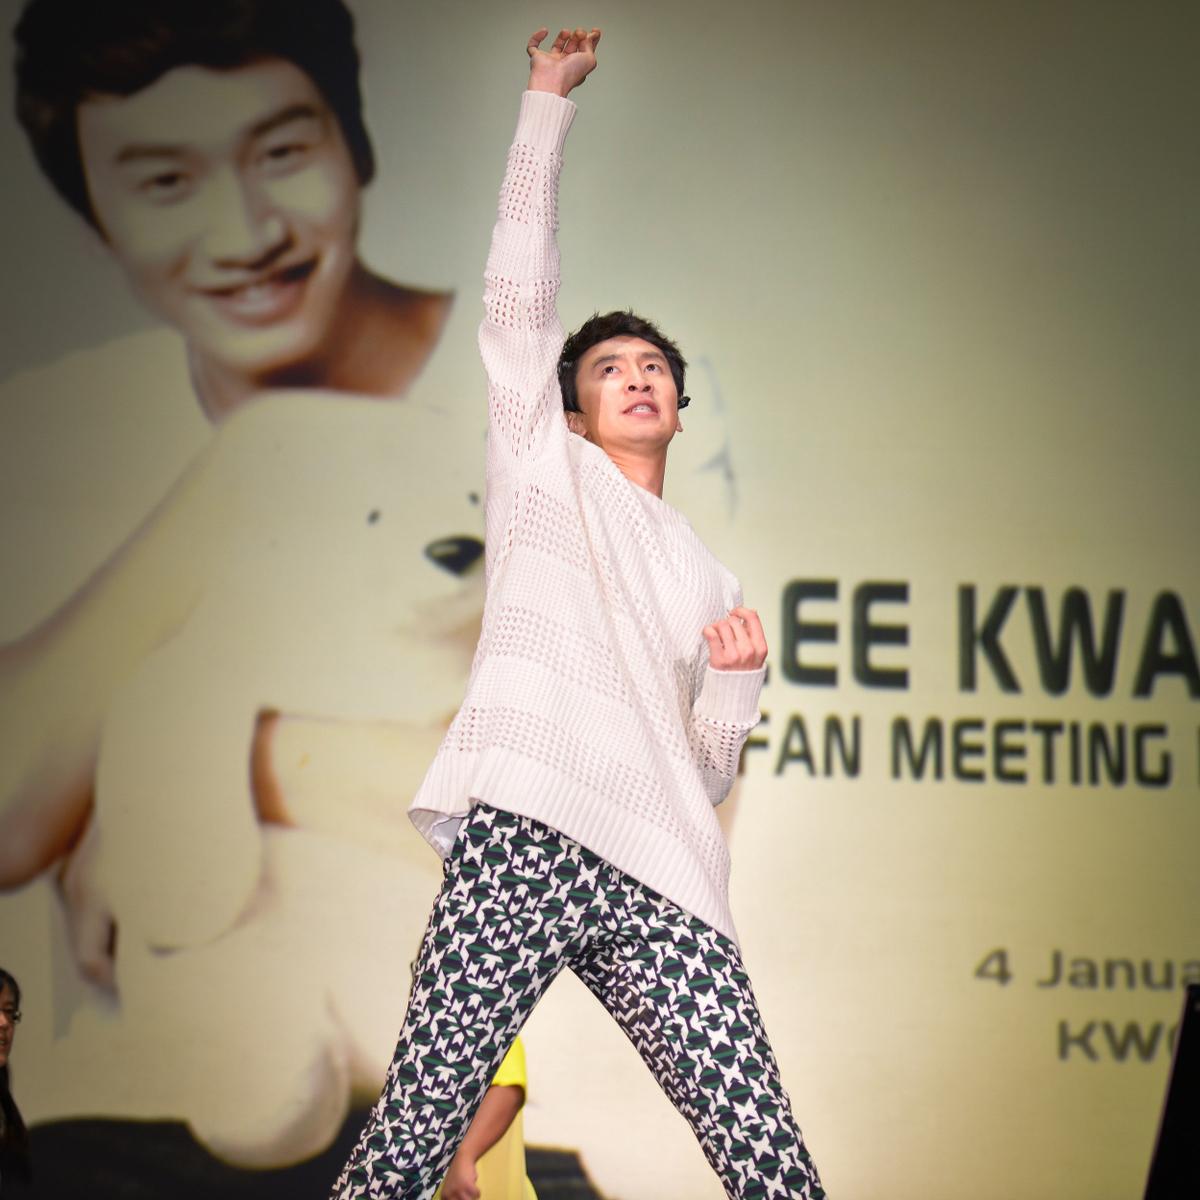 Lee Kwang Soo Fan Meeting in Malaysia - TianChad-5367